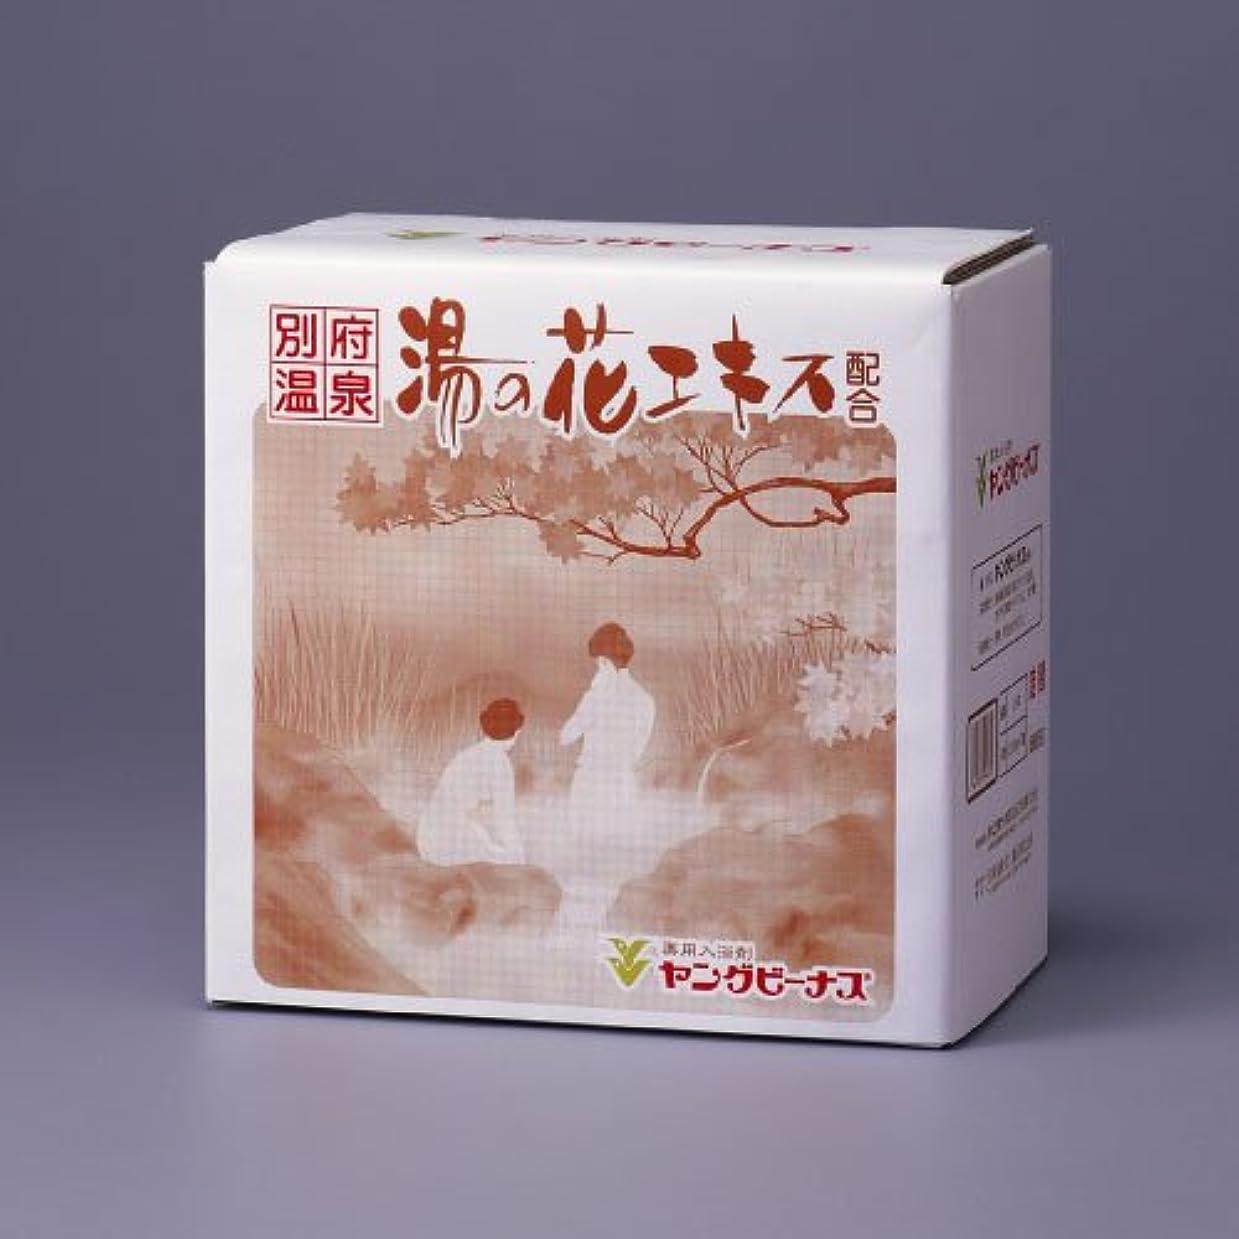 恋人アンカーダース薬用入浴剤ヤングビーナスSv C-60【5.6kg】(詰替2.8kg2袋) [医薬部外品]